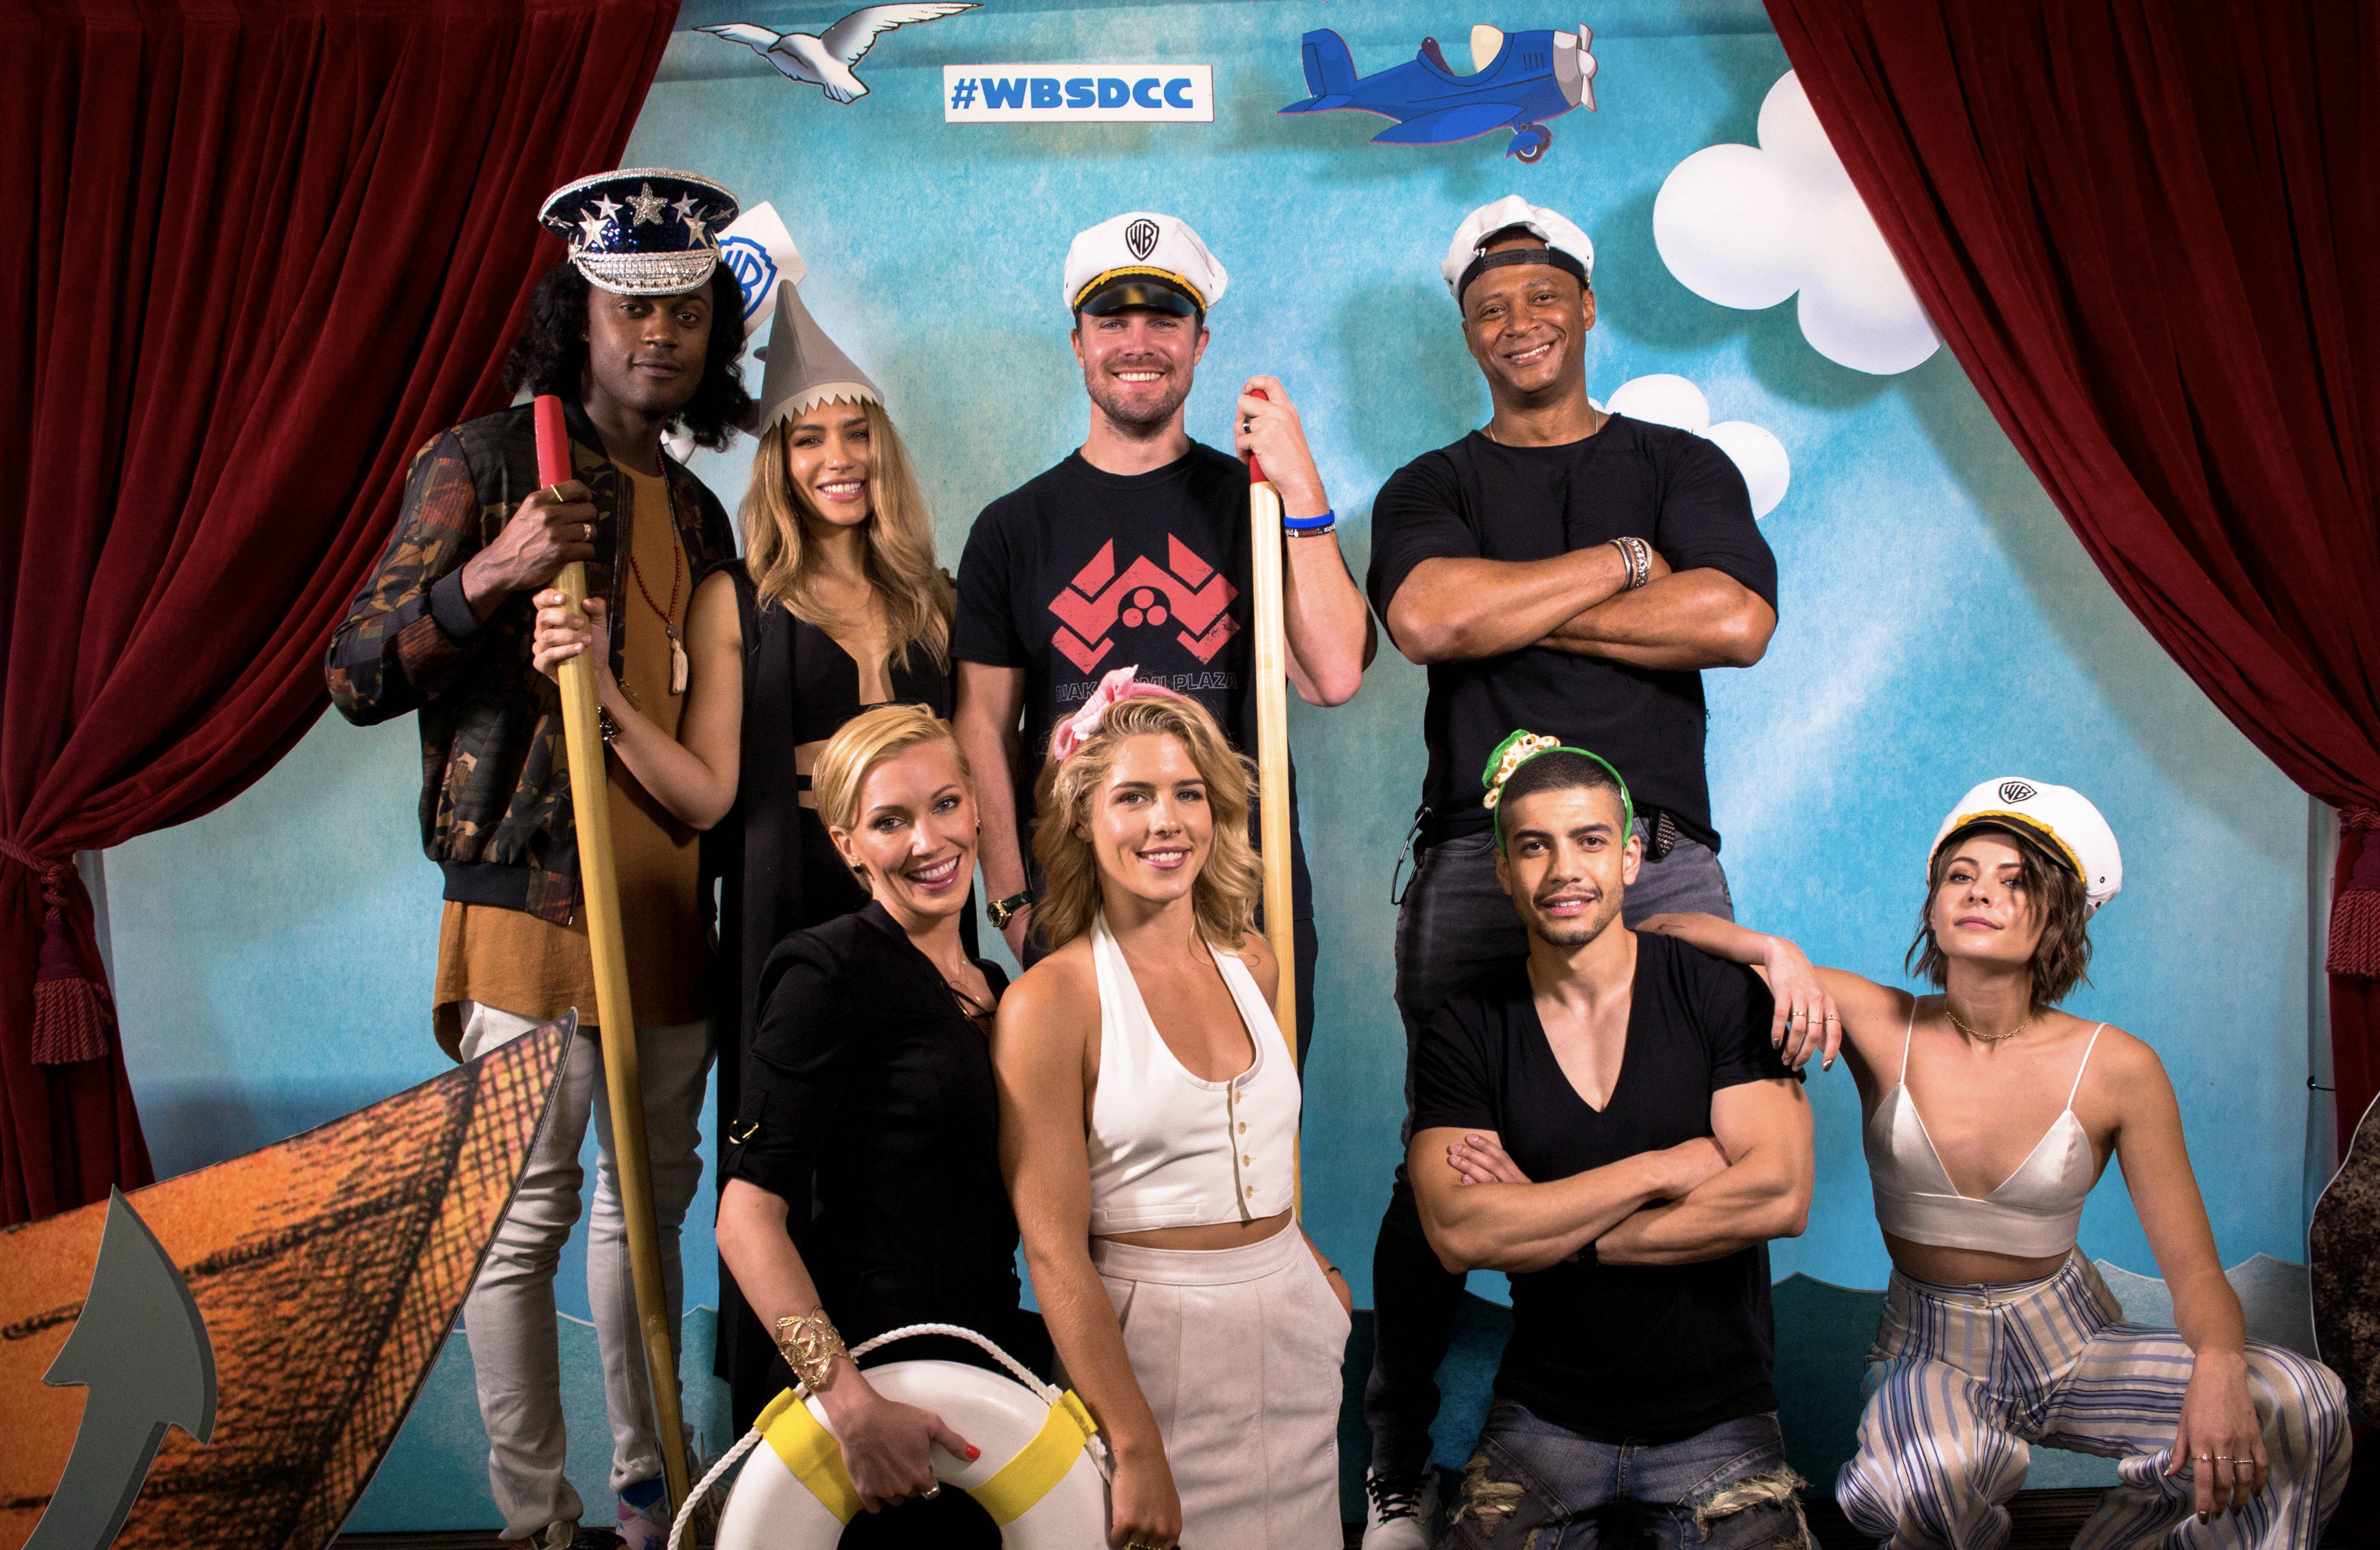 Az ARROW szereplőgárdája elfoglalta a Warner Bros. jachtját a 2017-es Comic-Con szombatján, július 22-én.